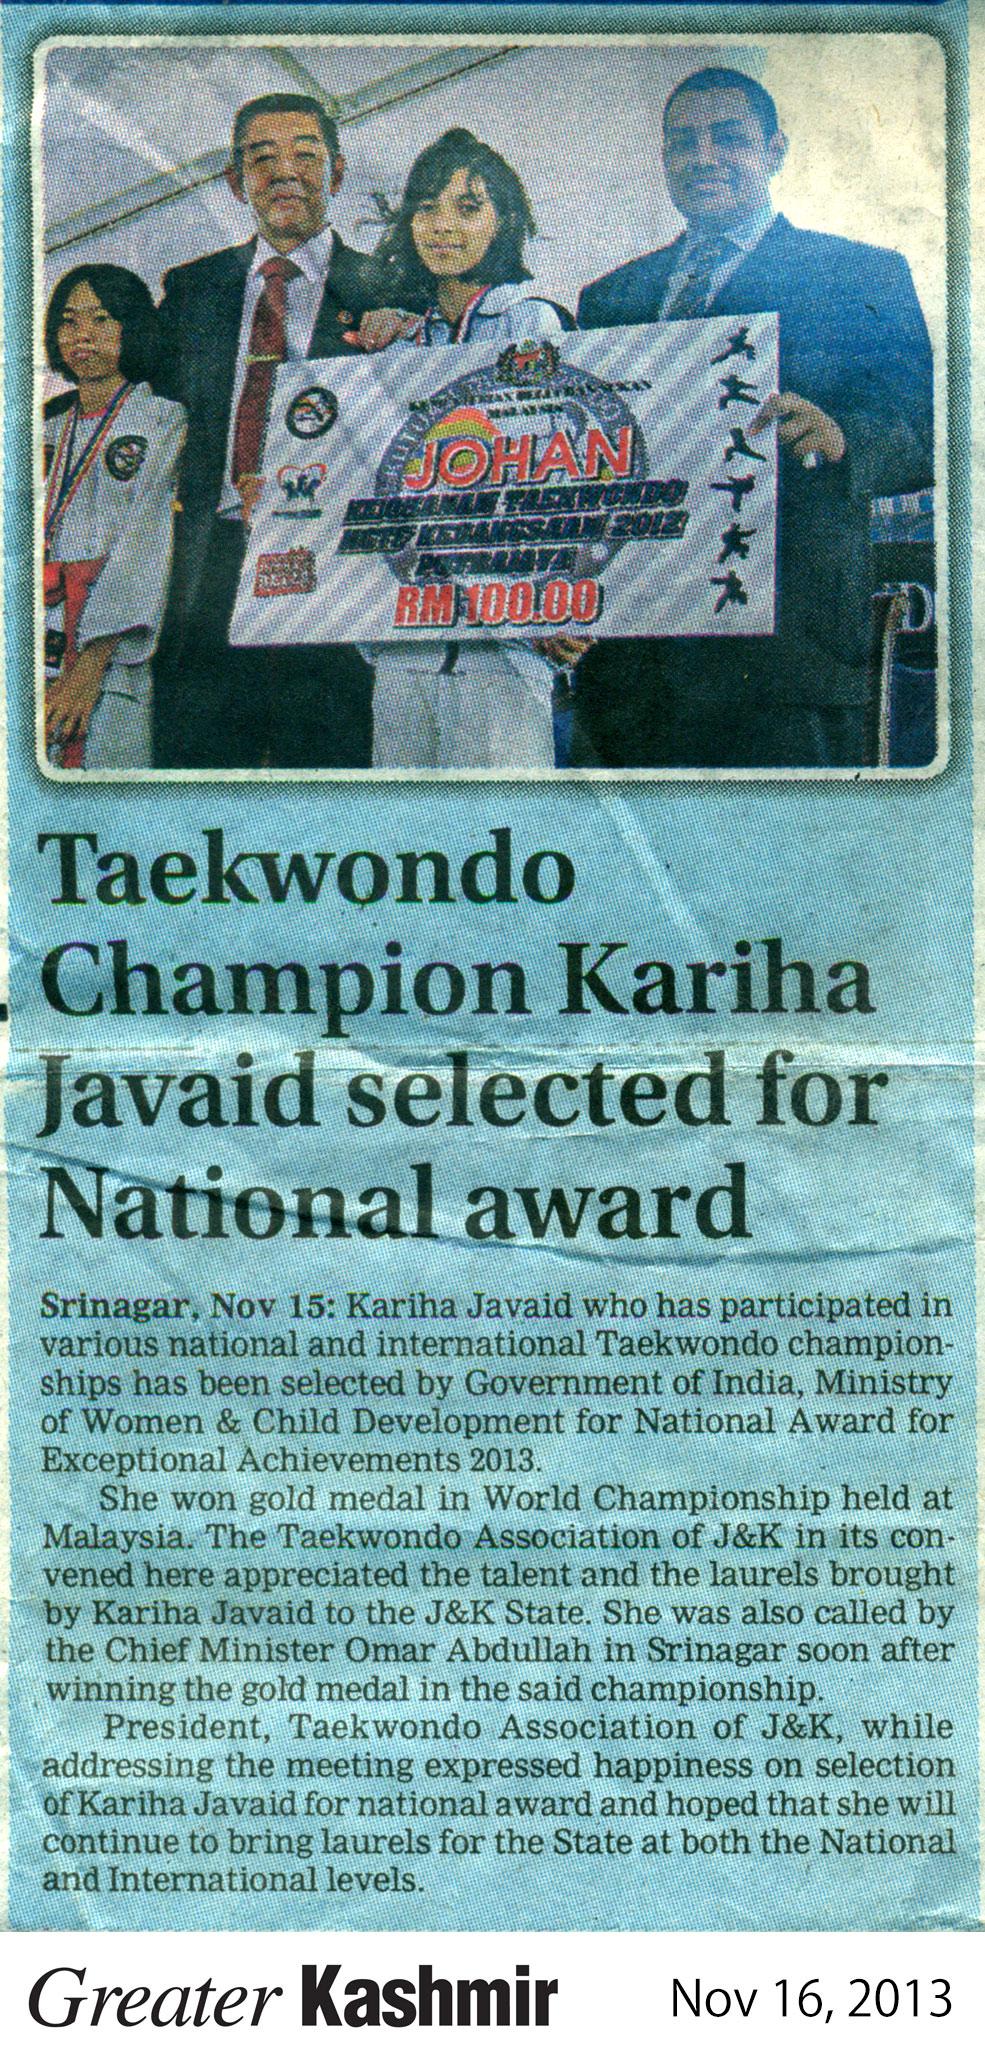 Taekwondo Champion Kariha Javaid selected for National award